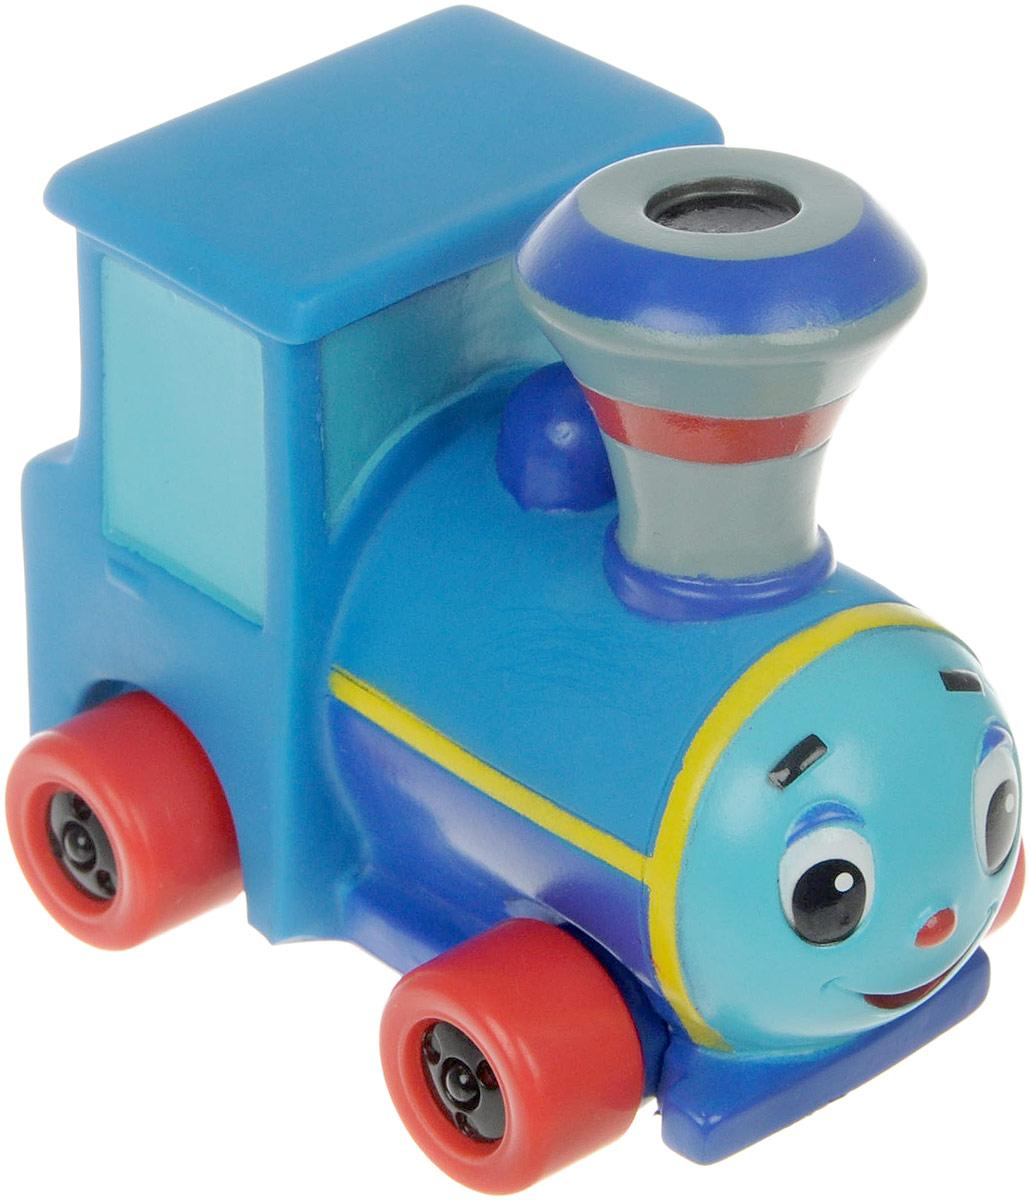 Играем вместе Игрушка для ванной Паровозик из Ромашково развивающая игрушка умка обучающий паровозик из ромашково